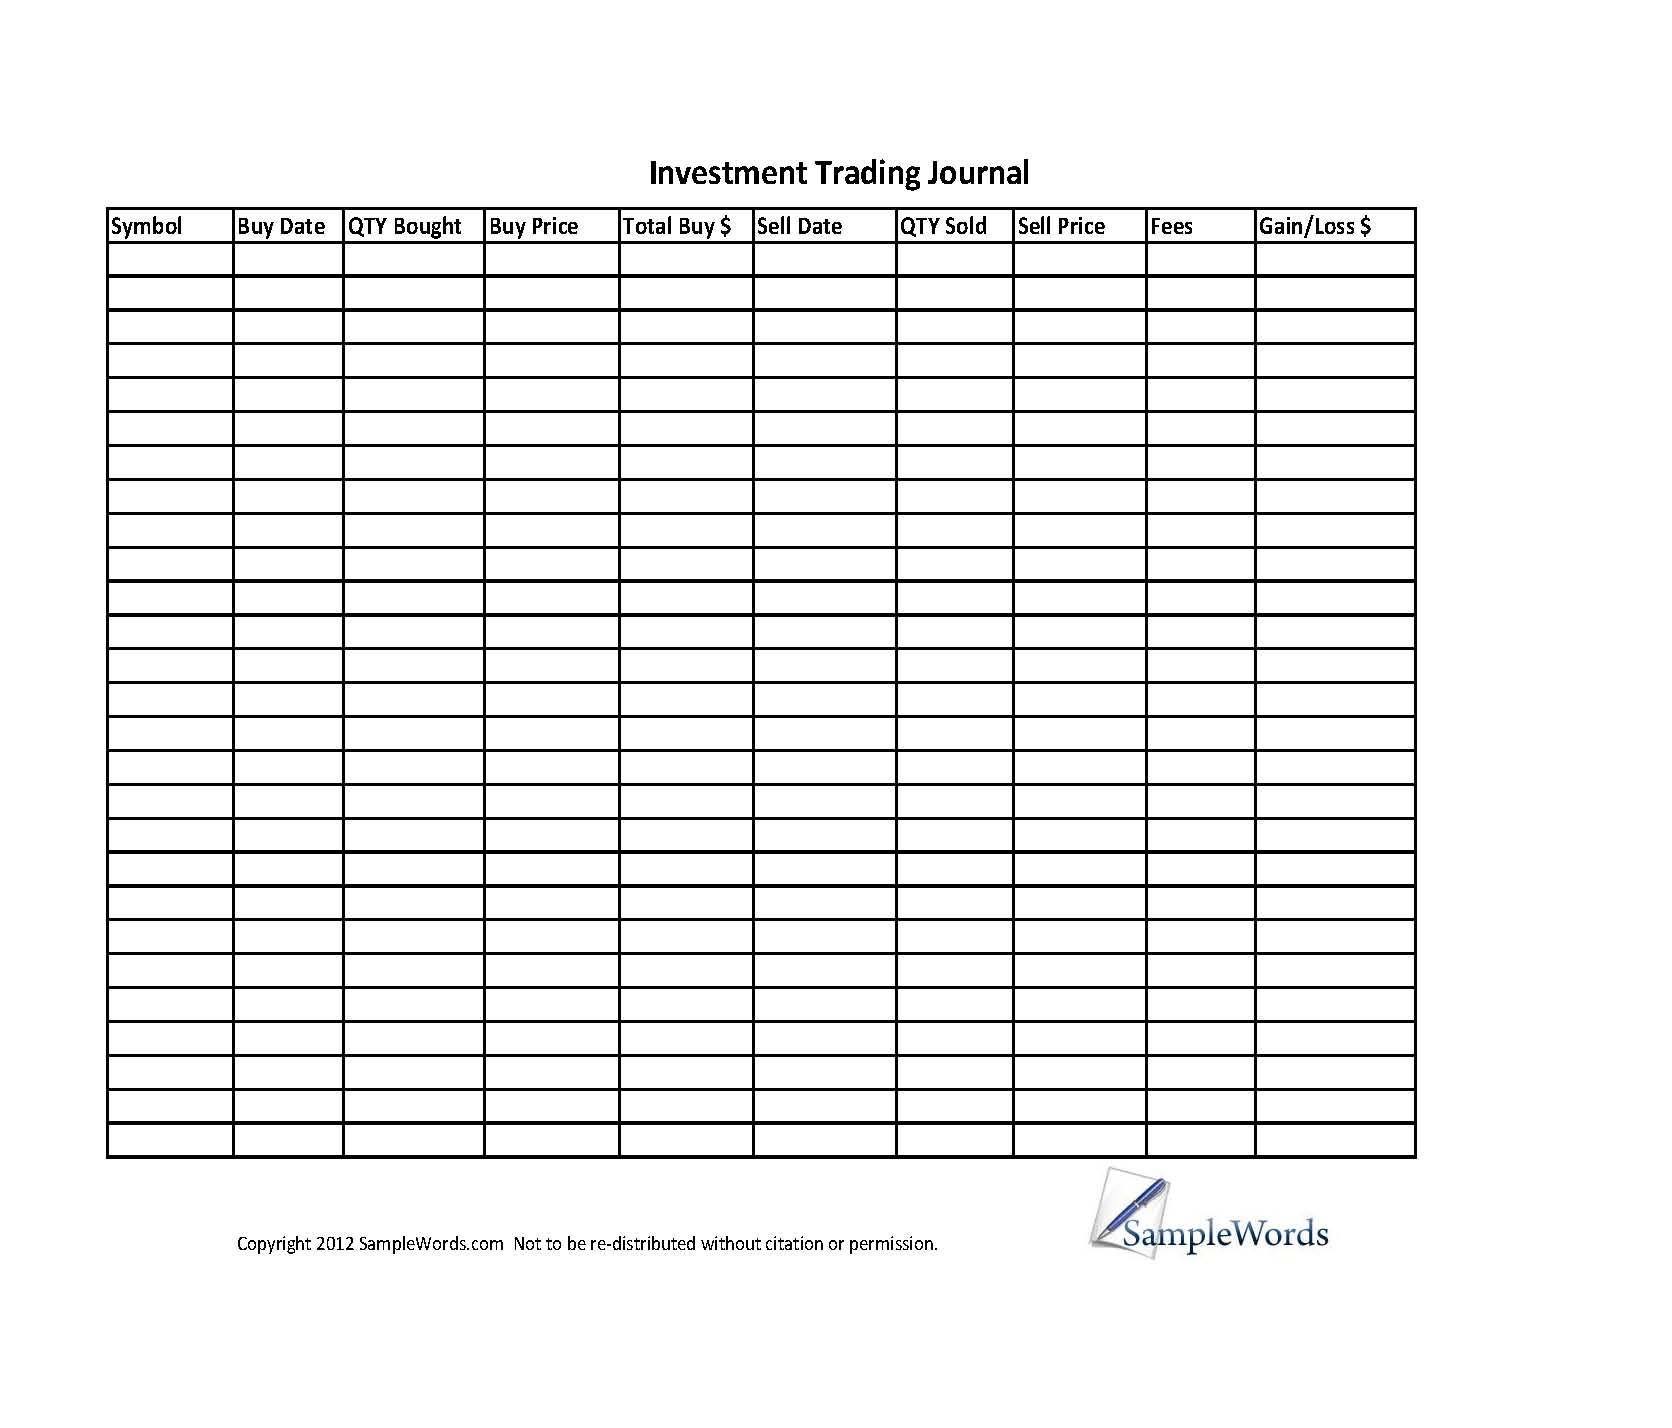 Unprotect Worksheet In Excel Forgot Password